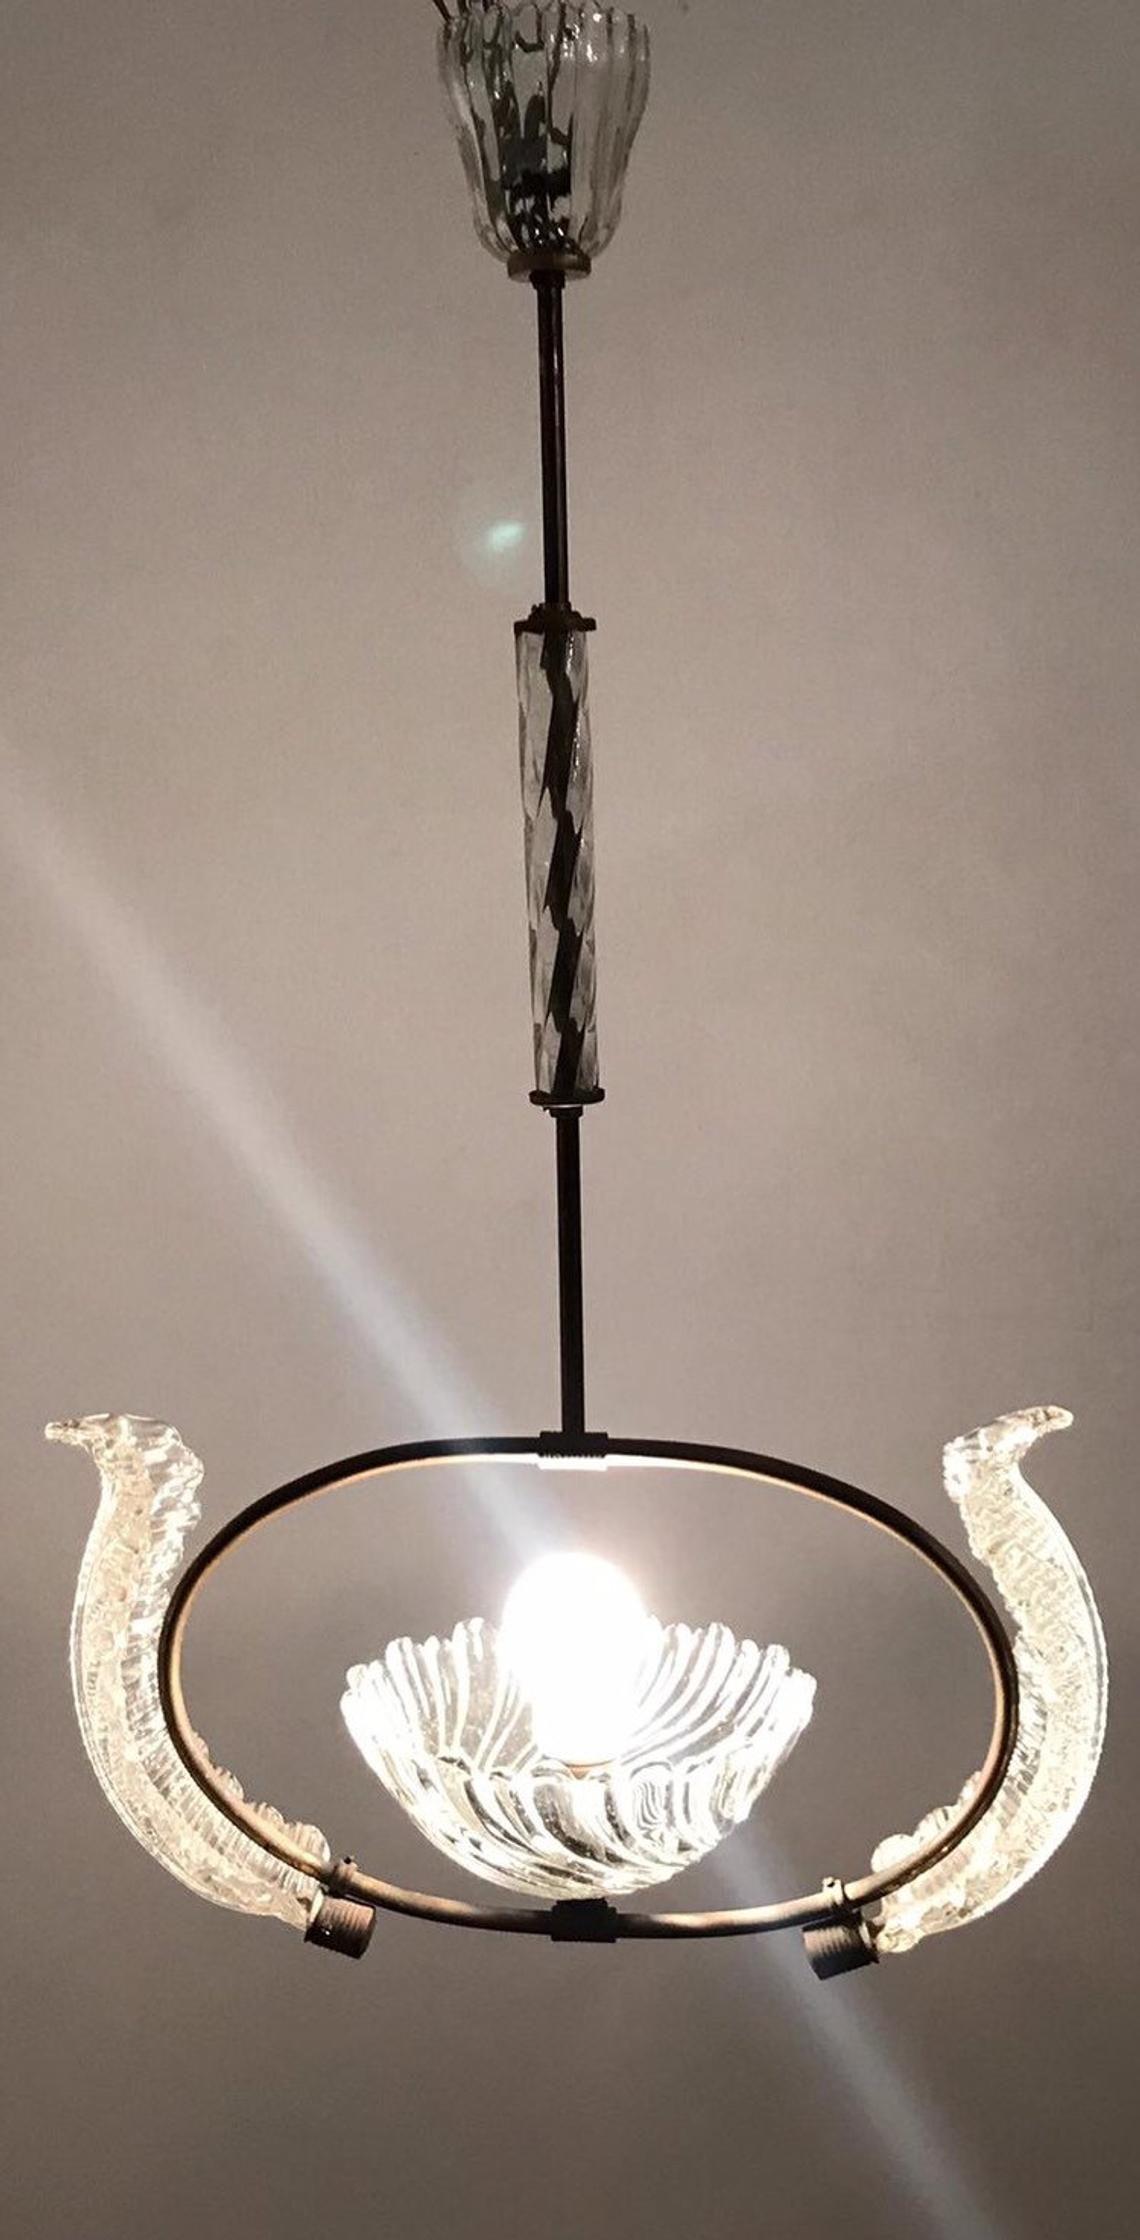 Lampadari Murano Barovier E Toso.Artdeco Murano Barovier Lampadario Lampadario Di Cristallo